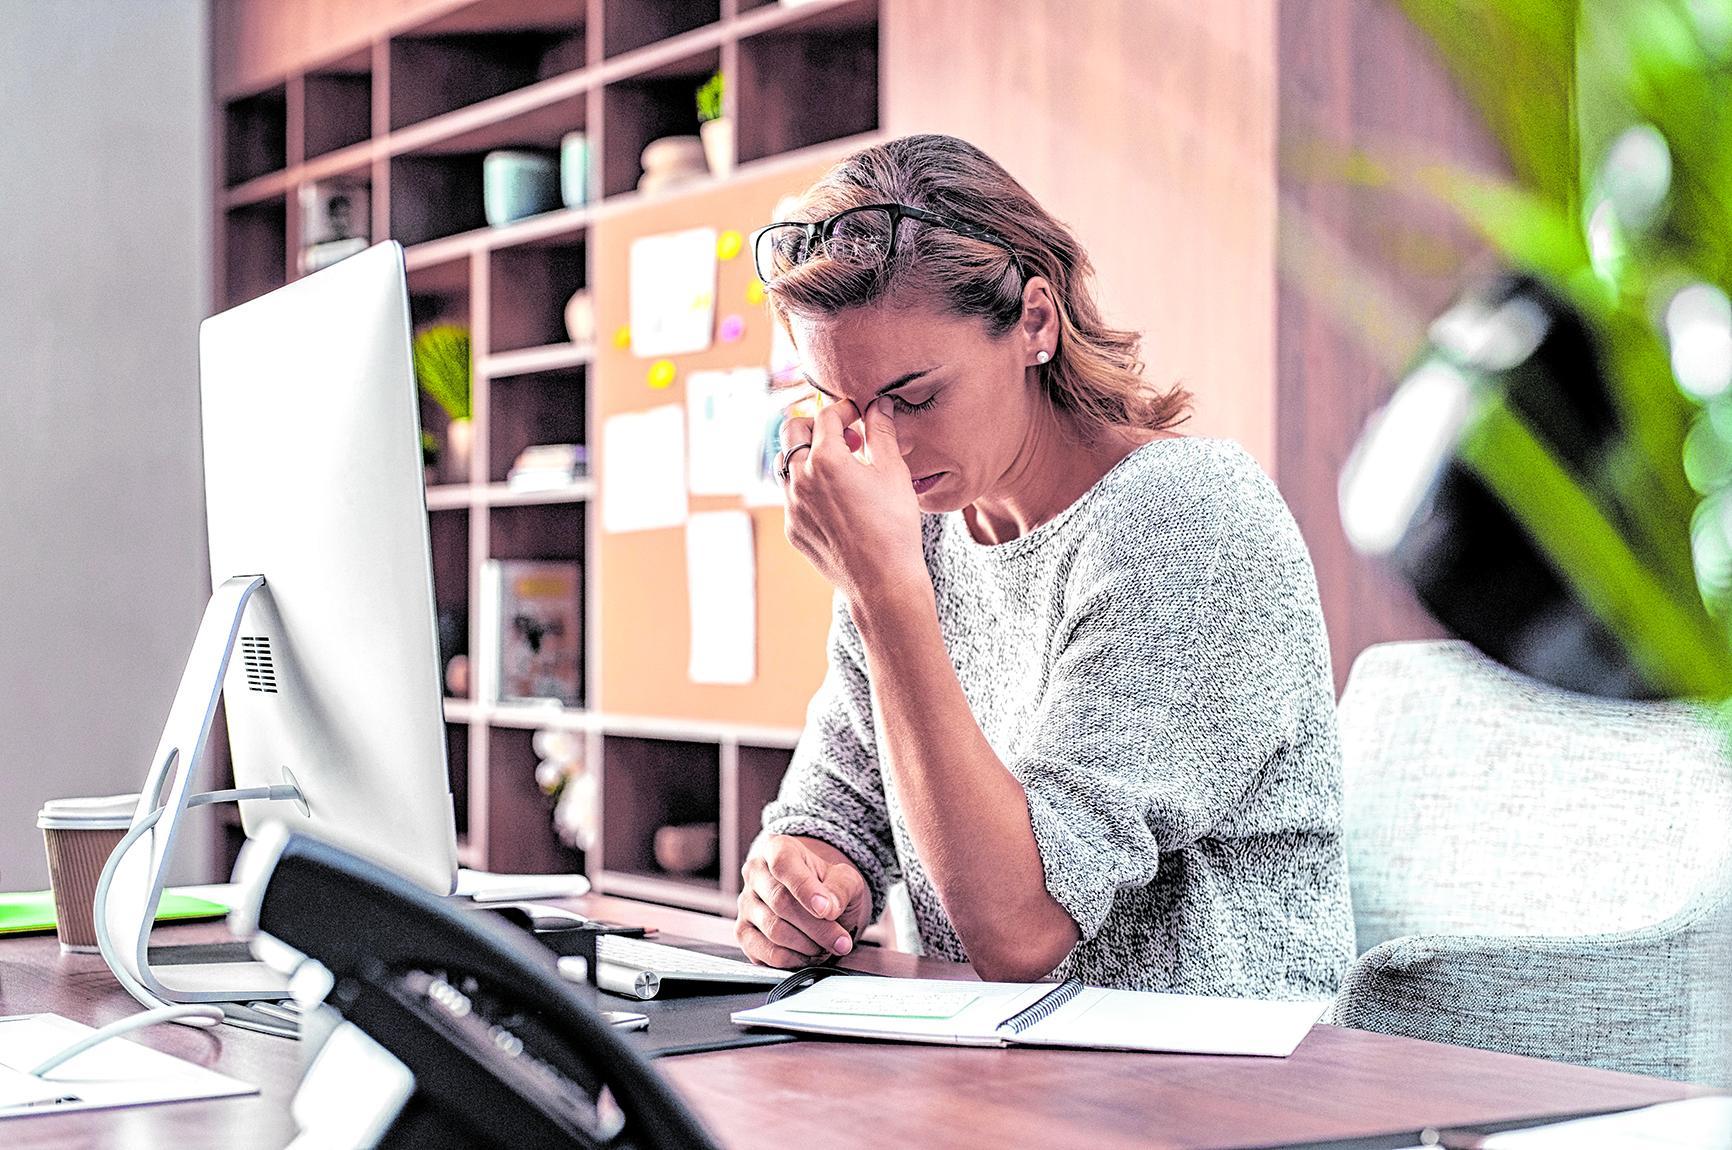 Am Arbeitsplatz stressen Zeitdruck, Kunden und Lärm am meisten